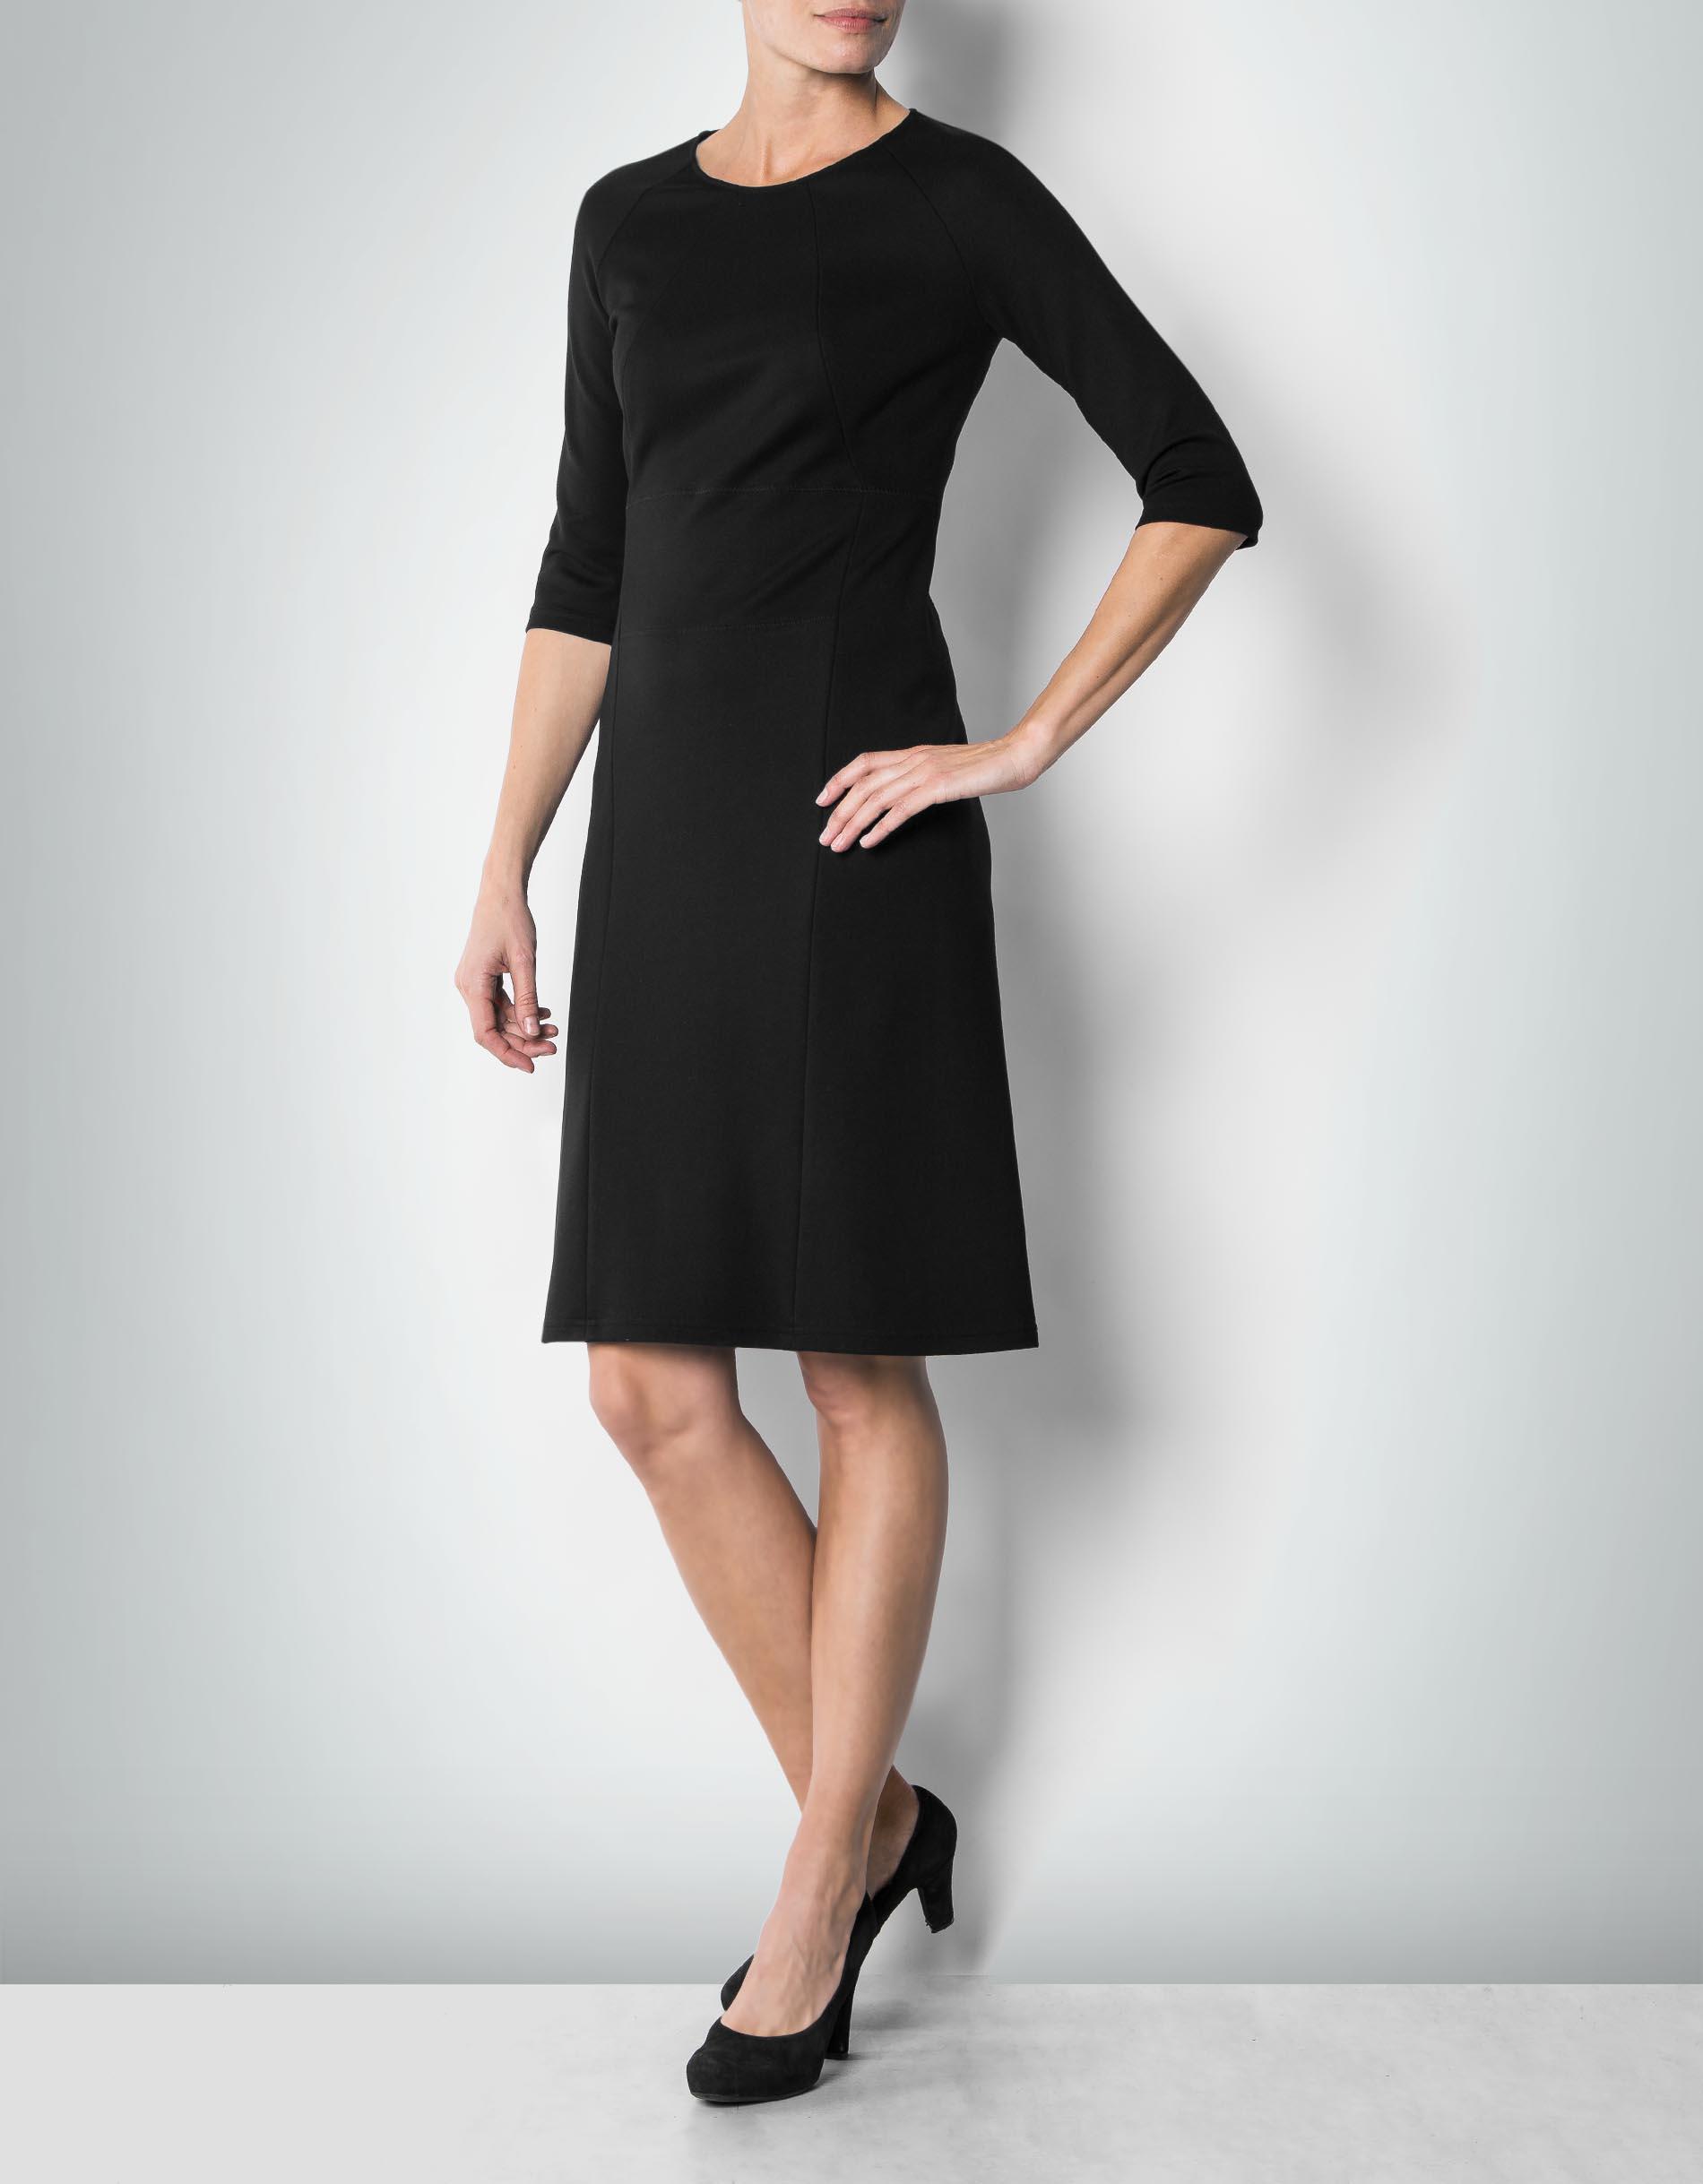 ren lezard damen kleid mit ausgestelltem rockteil empfohlen von deinen schwestern. Black Bedroom Furniture Sets. Home Design Ideas